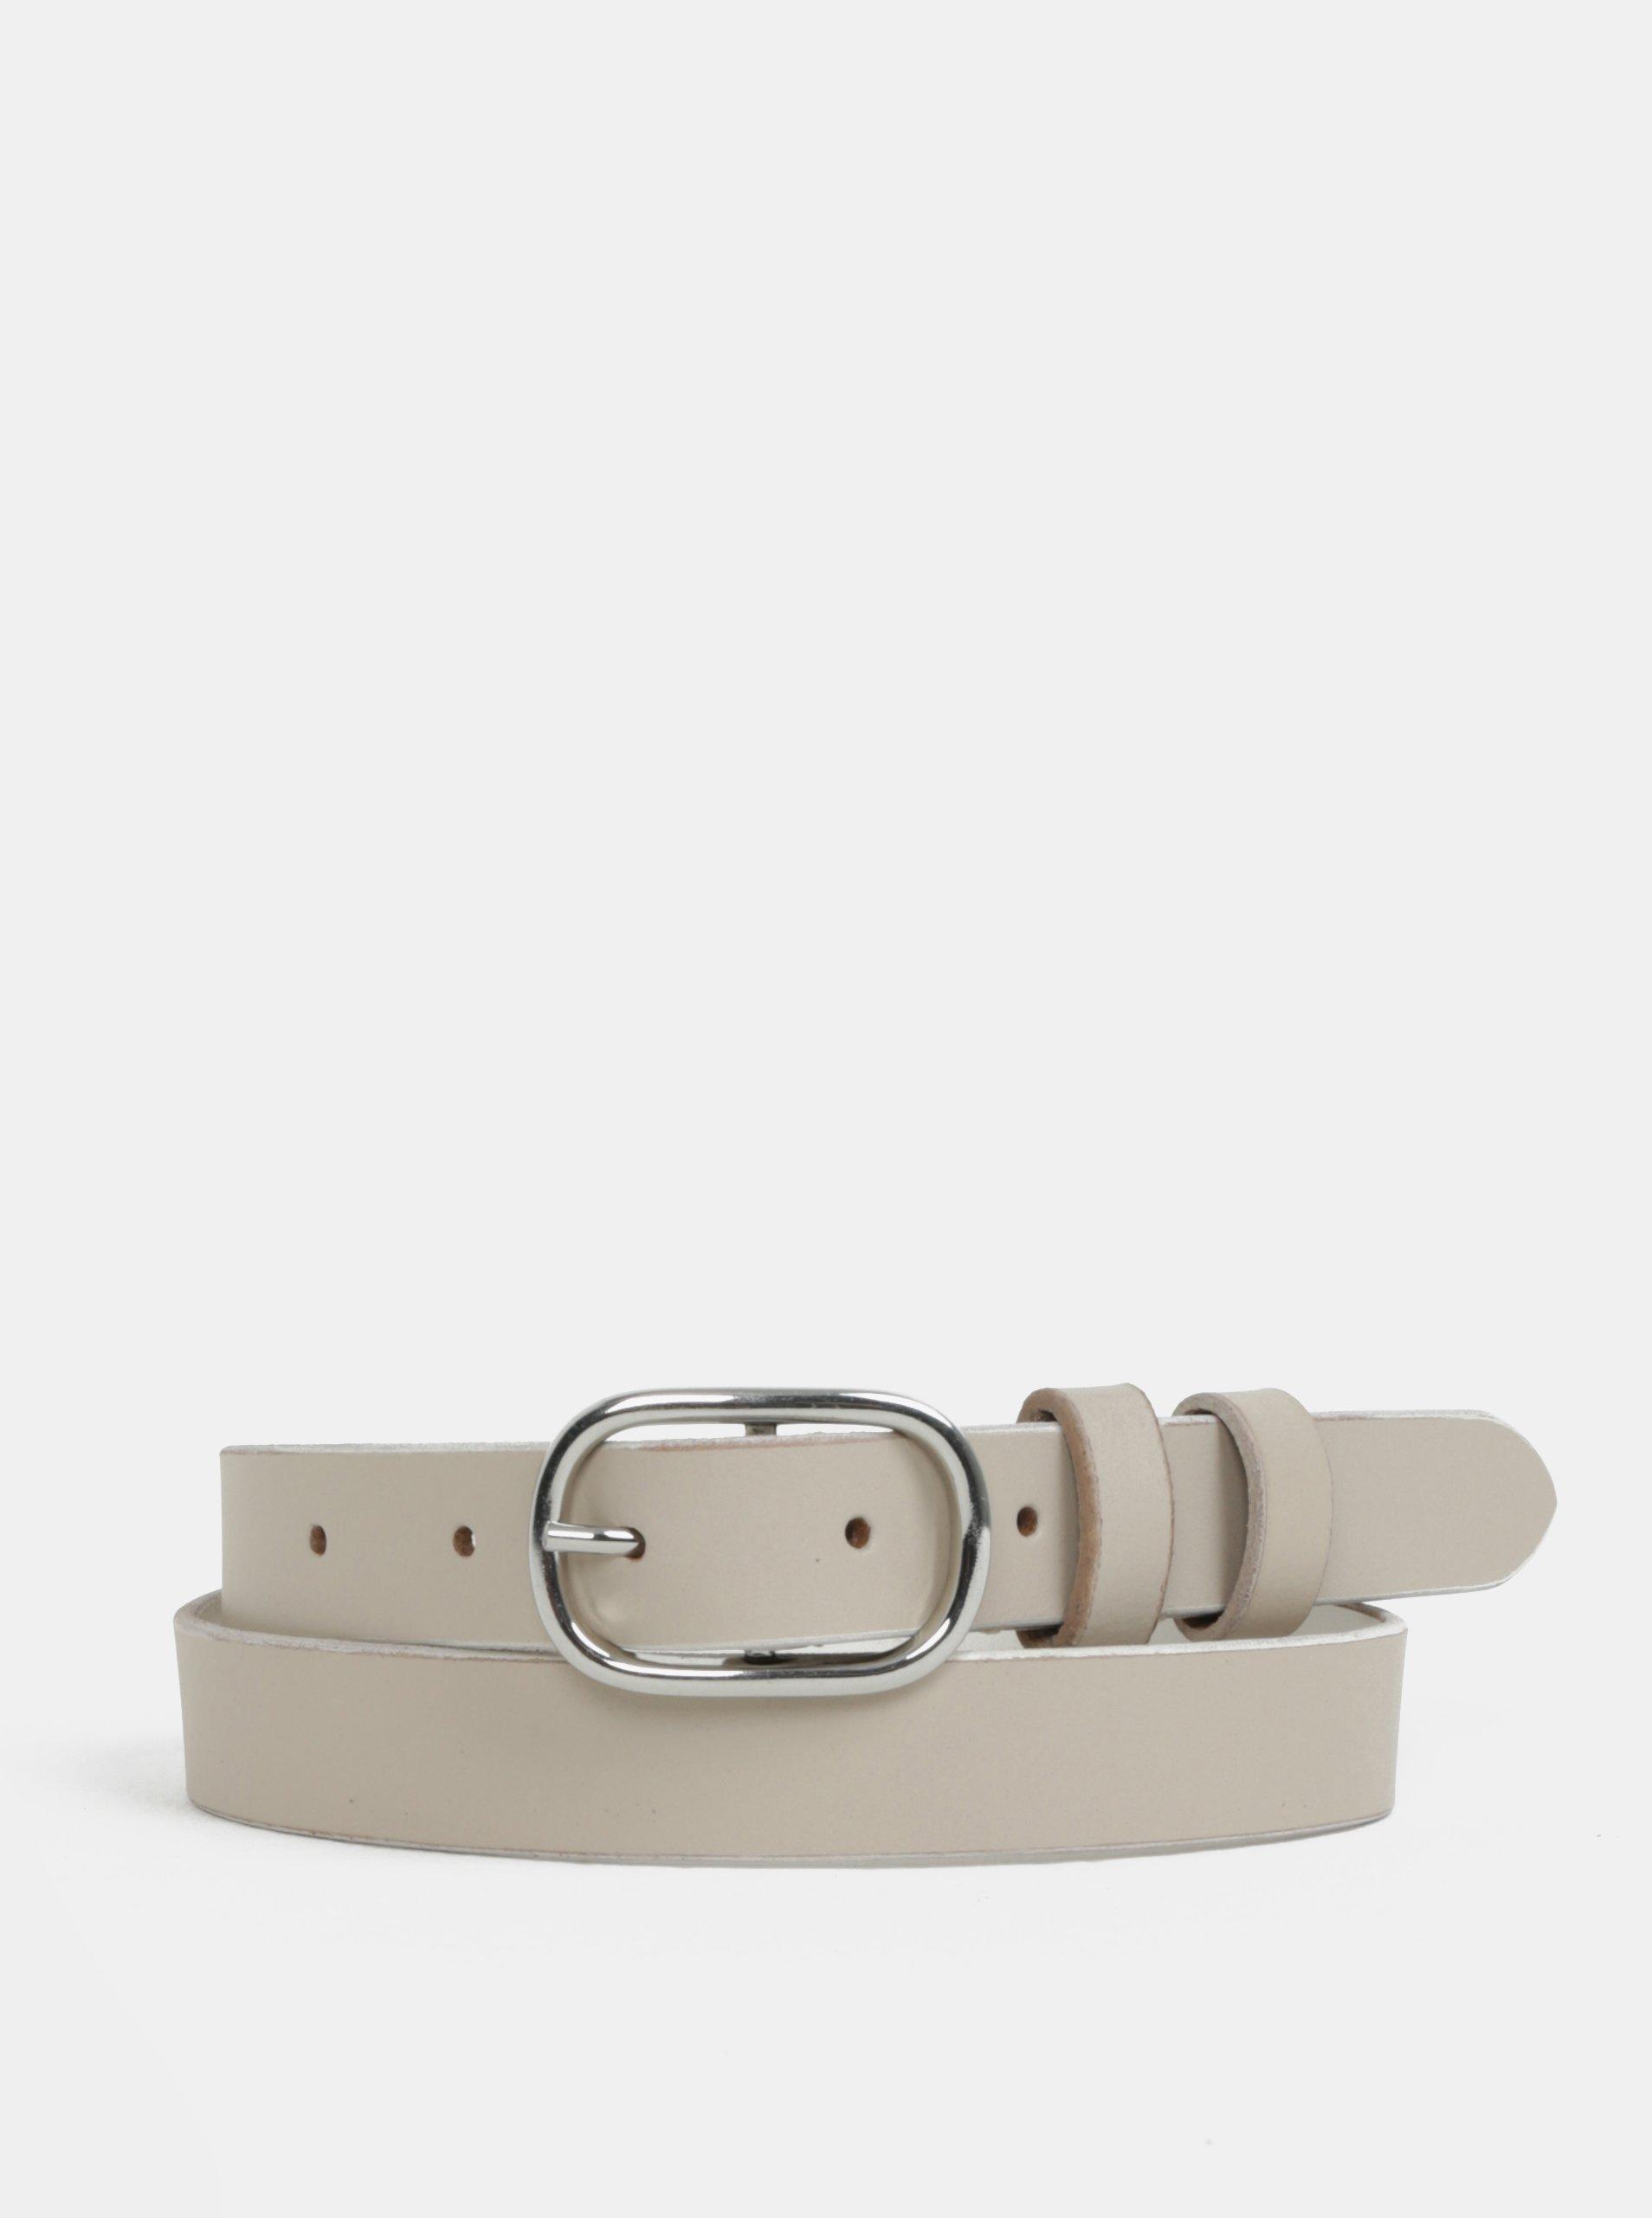 cb36594ac63 Béžový kožený pásek s přezkou ve stříbrné barvě Pieces Darci